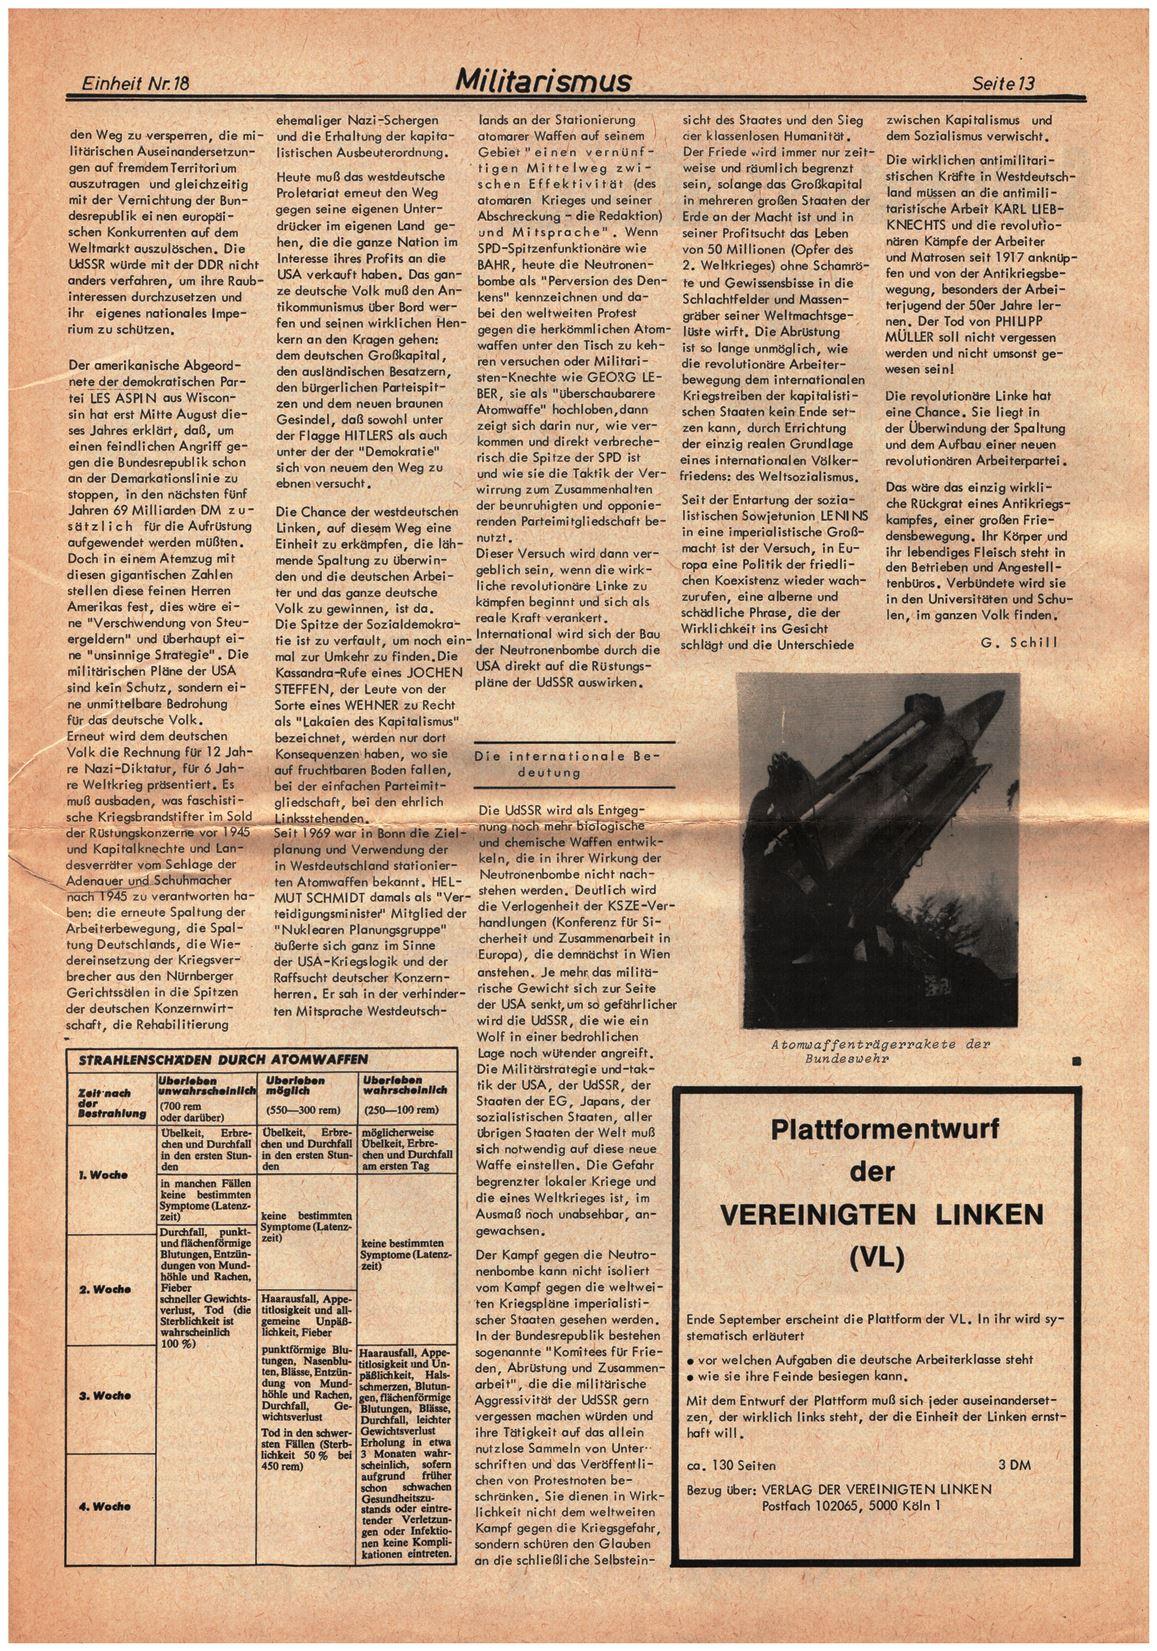 Koeln_IPdA_Einheit_1977_018_013